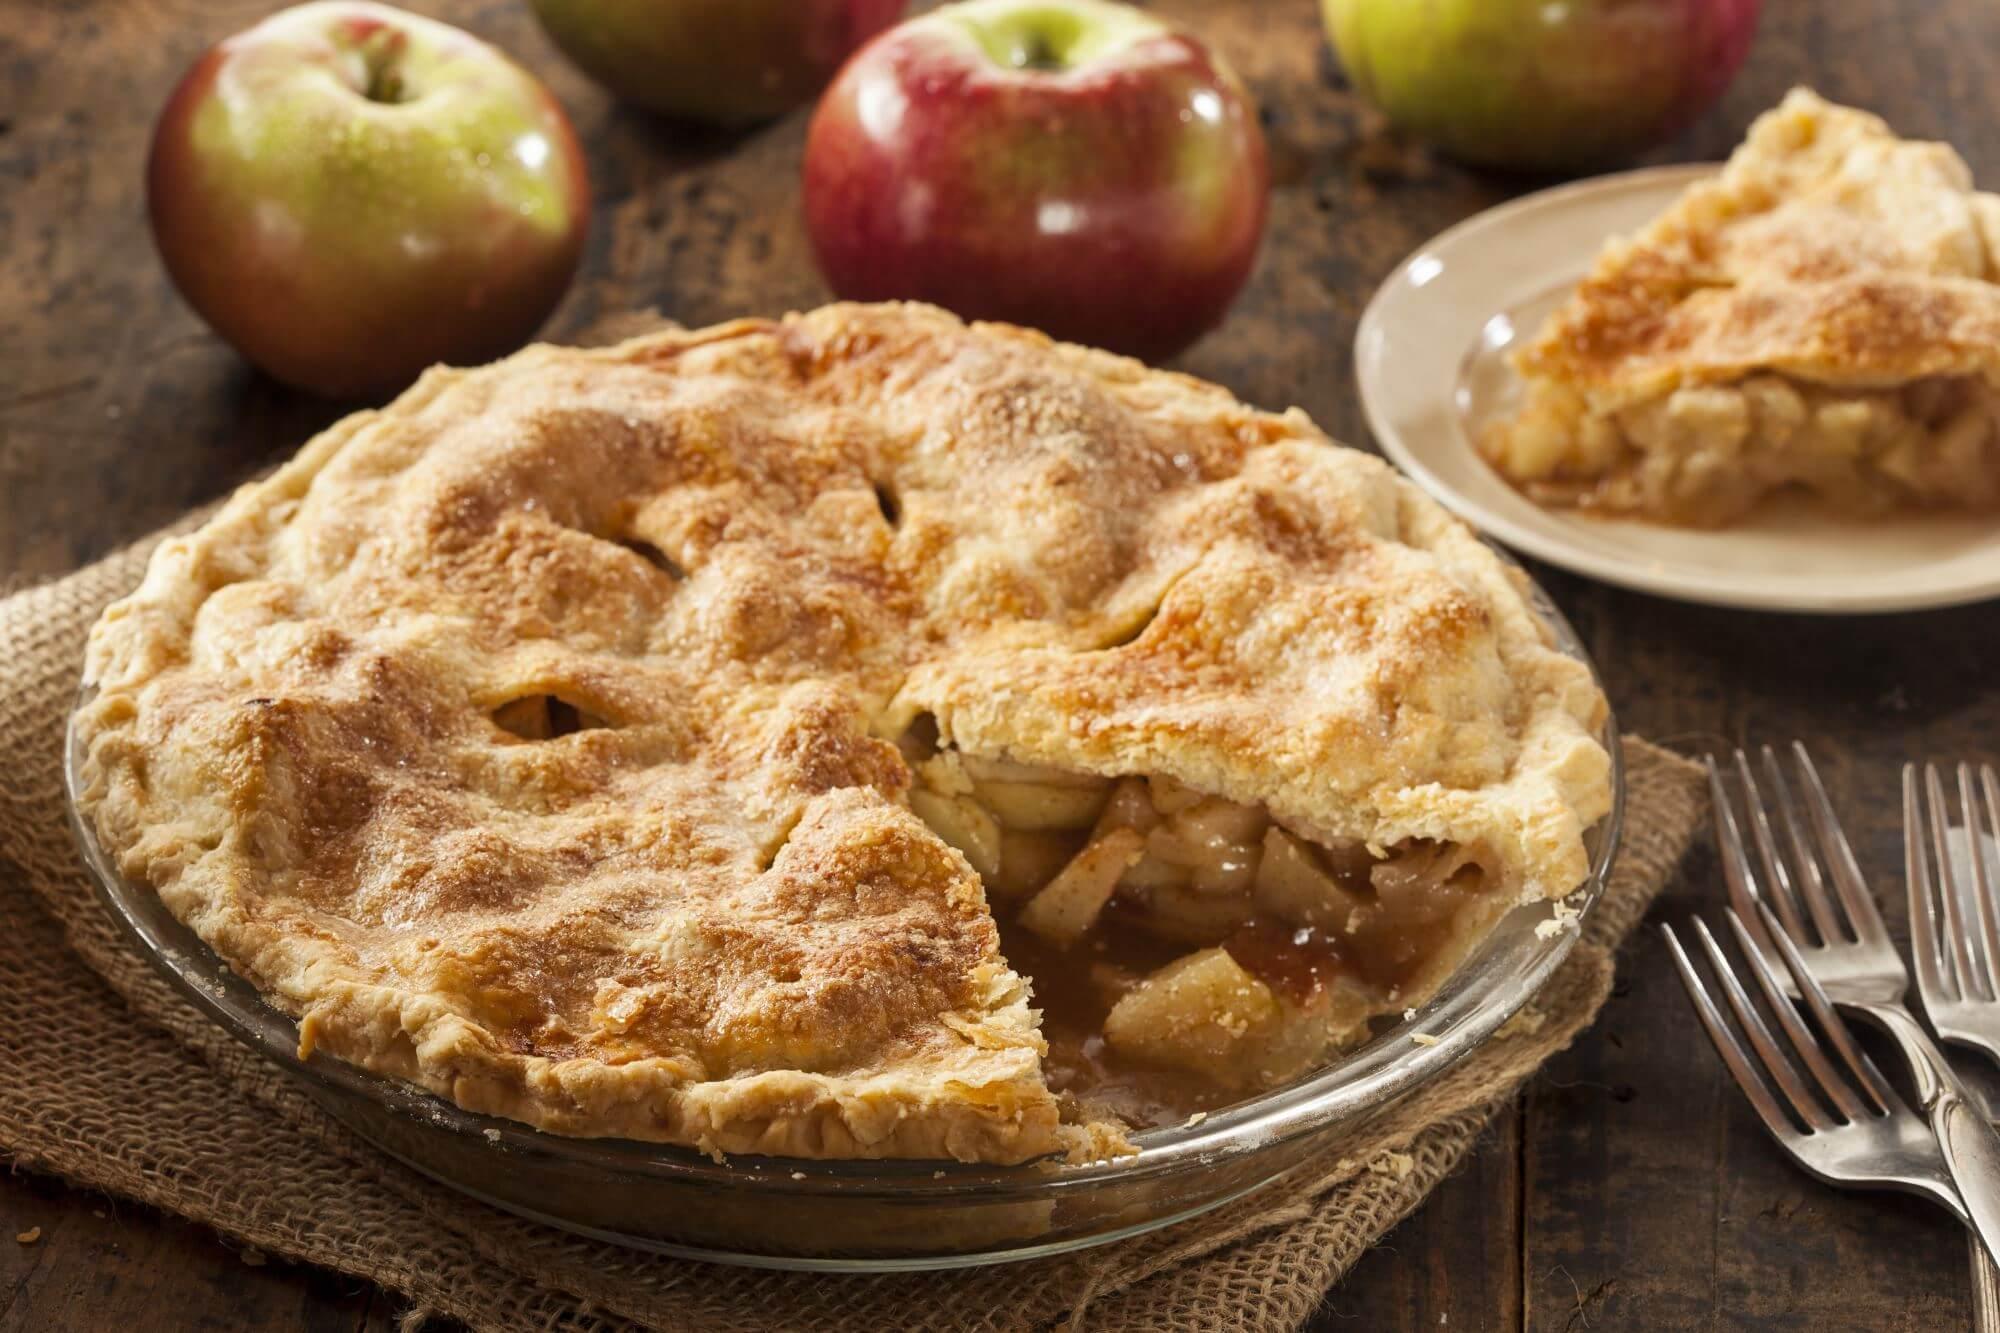 Bondens æblekage